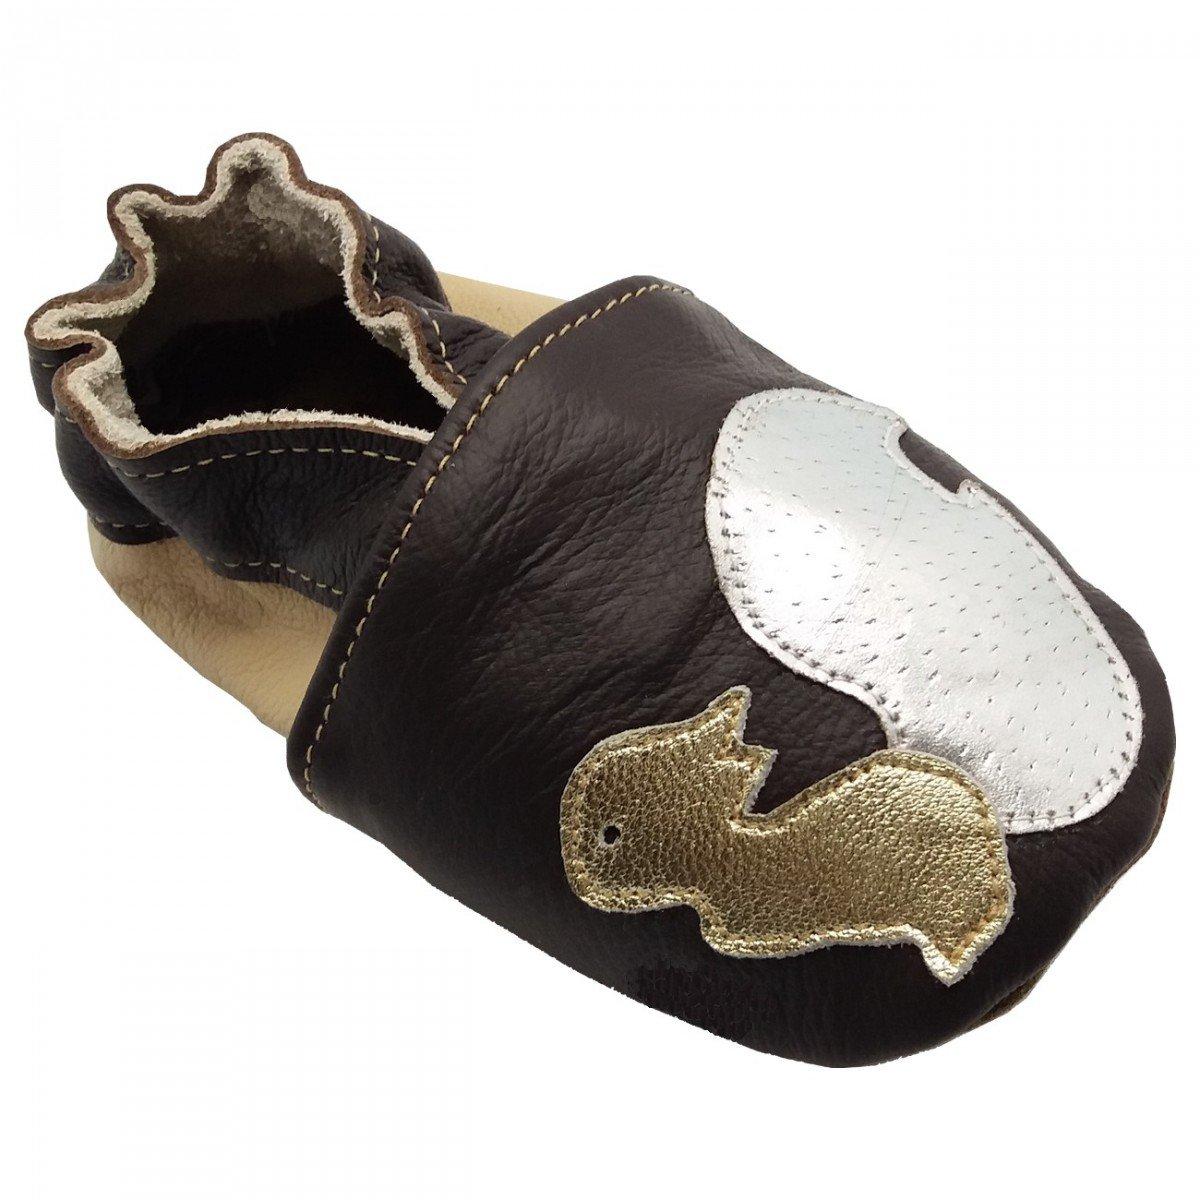 c2ba6097127fe Noisette de BBKDOM - Chaussons bébé et enfant en cuir souple de qualité  supérieure Fabrication Européenne